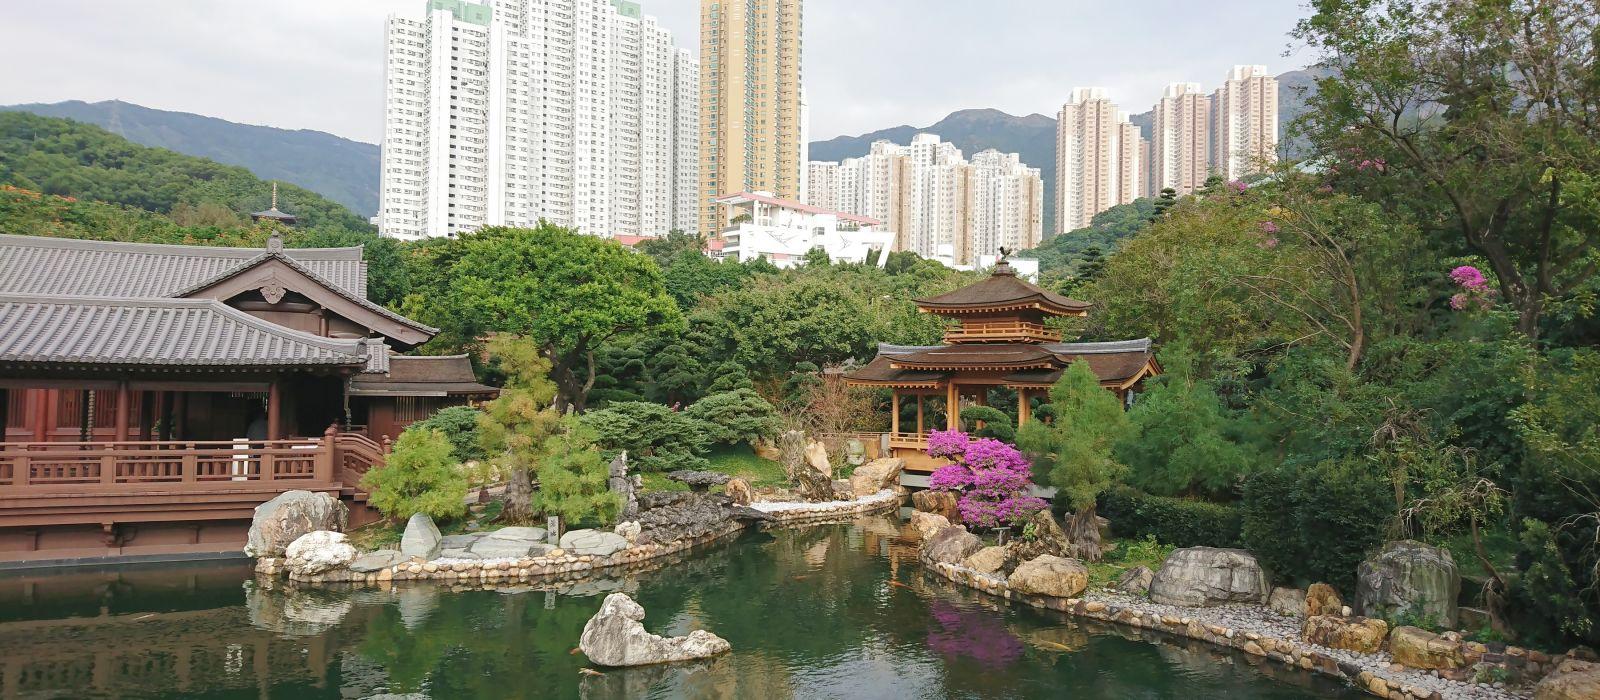 Nan Lian Garten in Kowloon Hongkong, Asien